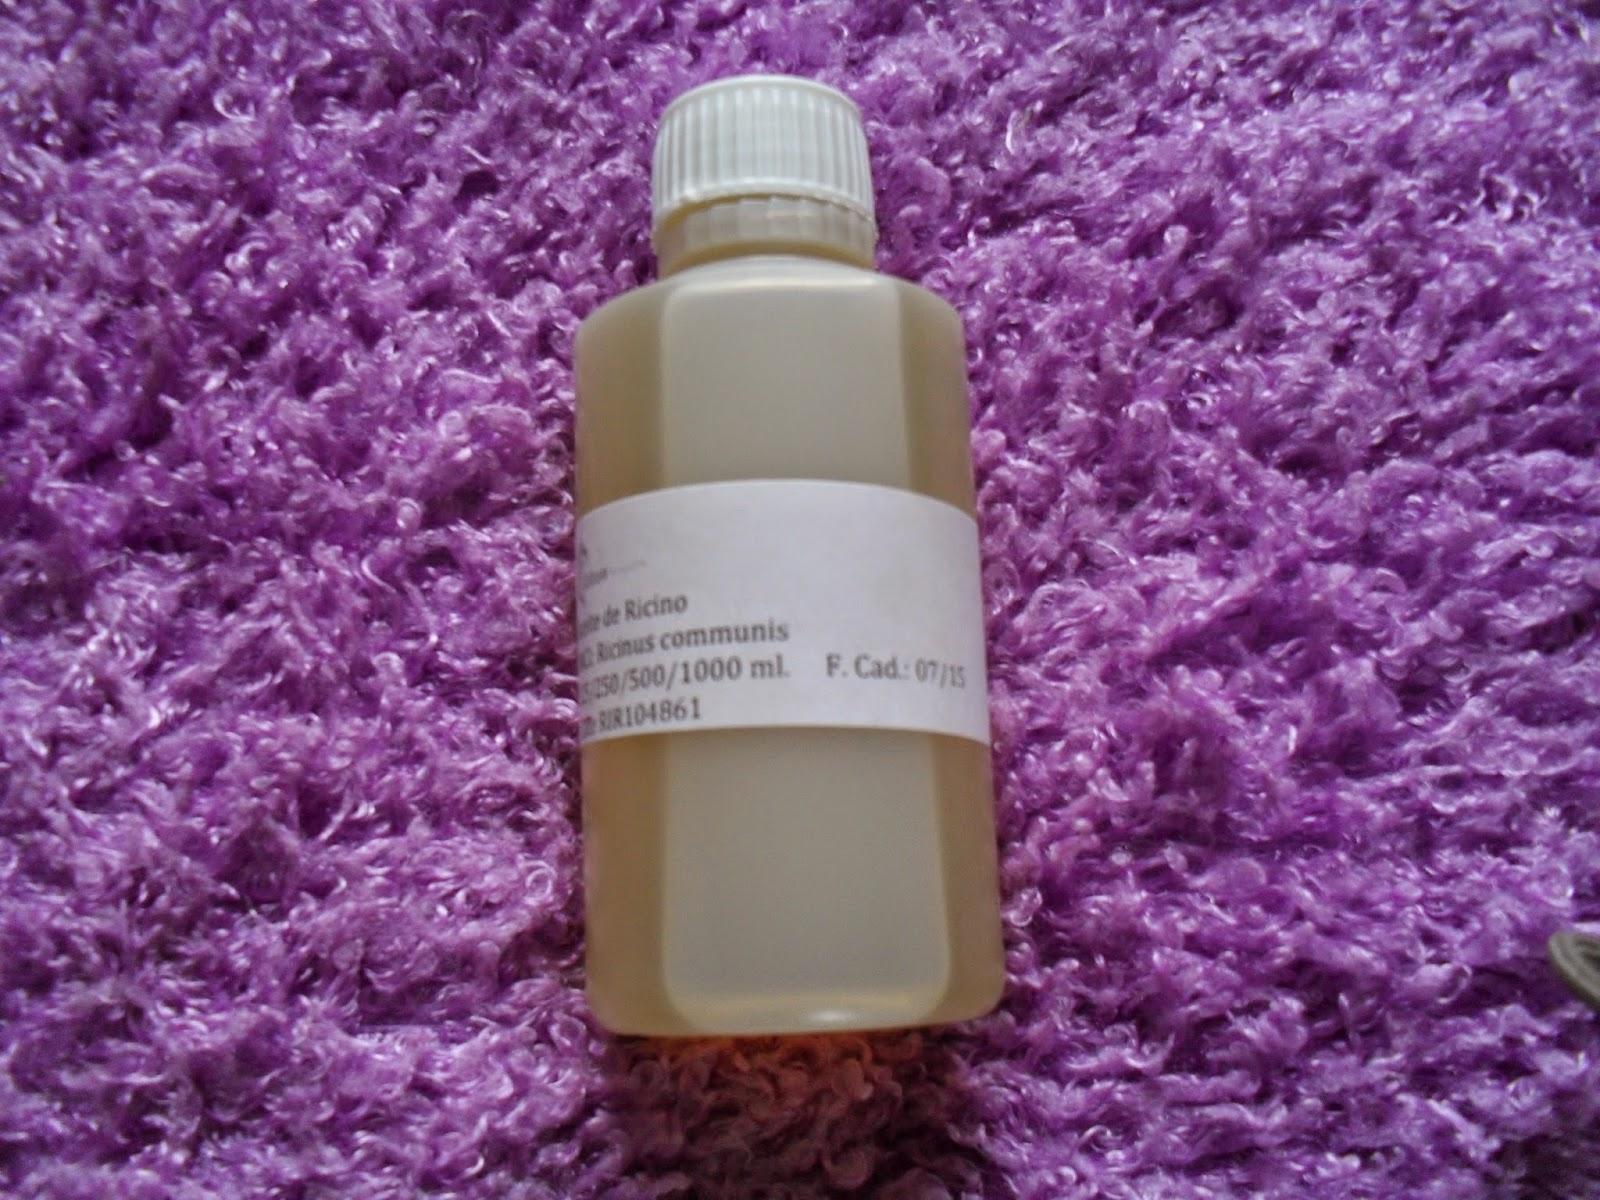 Aceite de ricino/castor oil